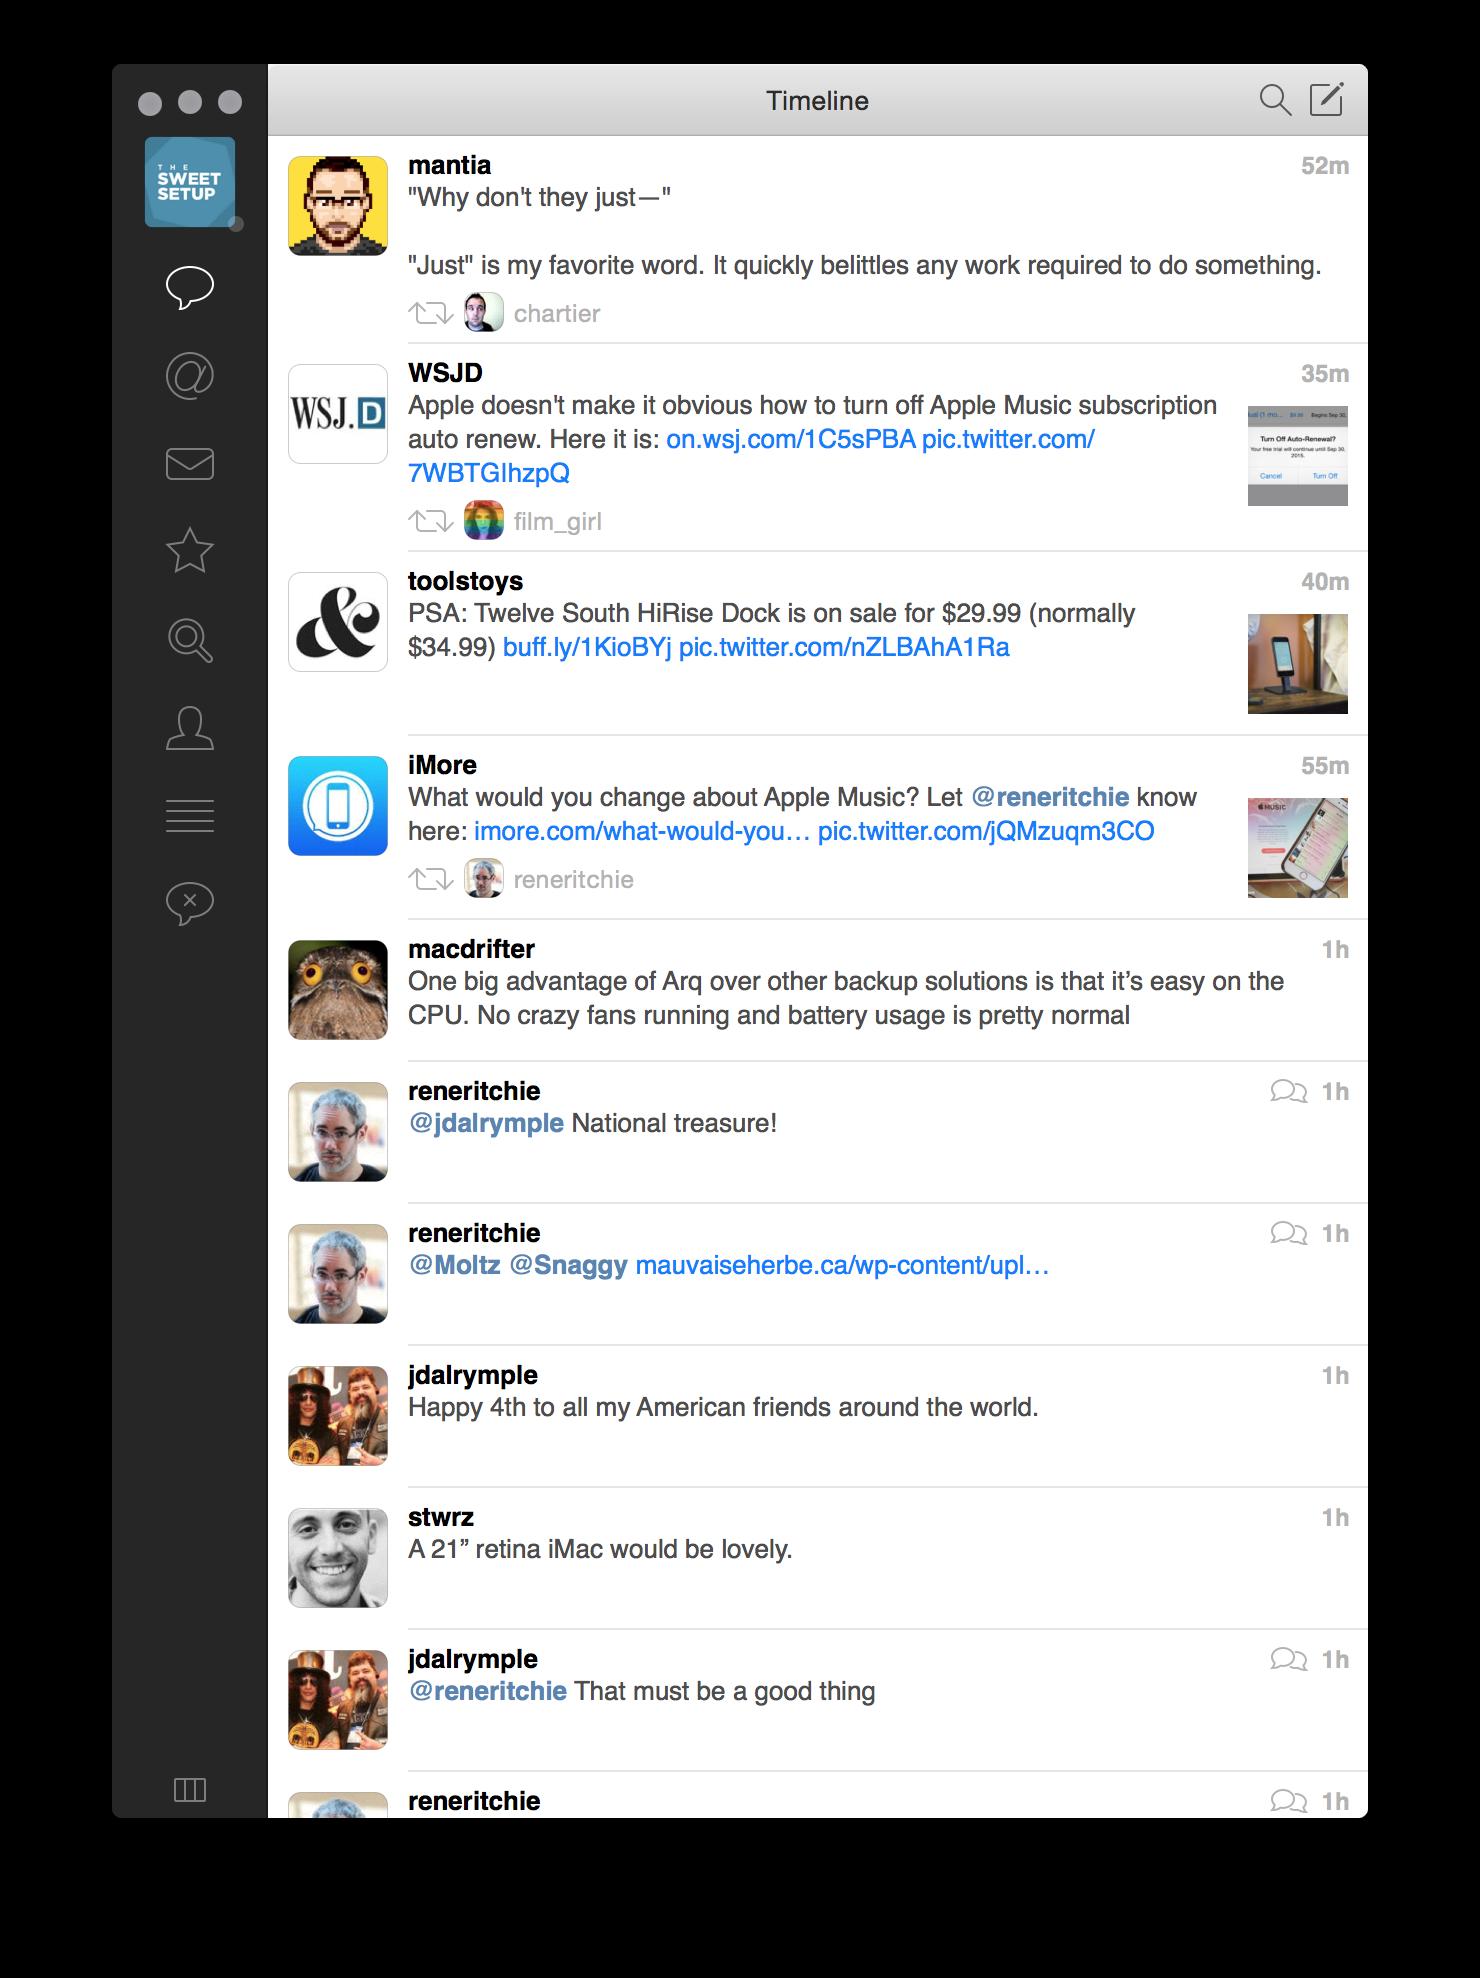 Tweetbot 2's timeline